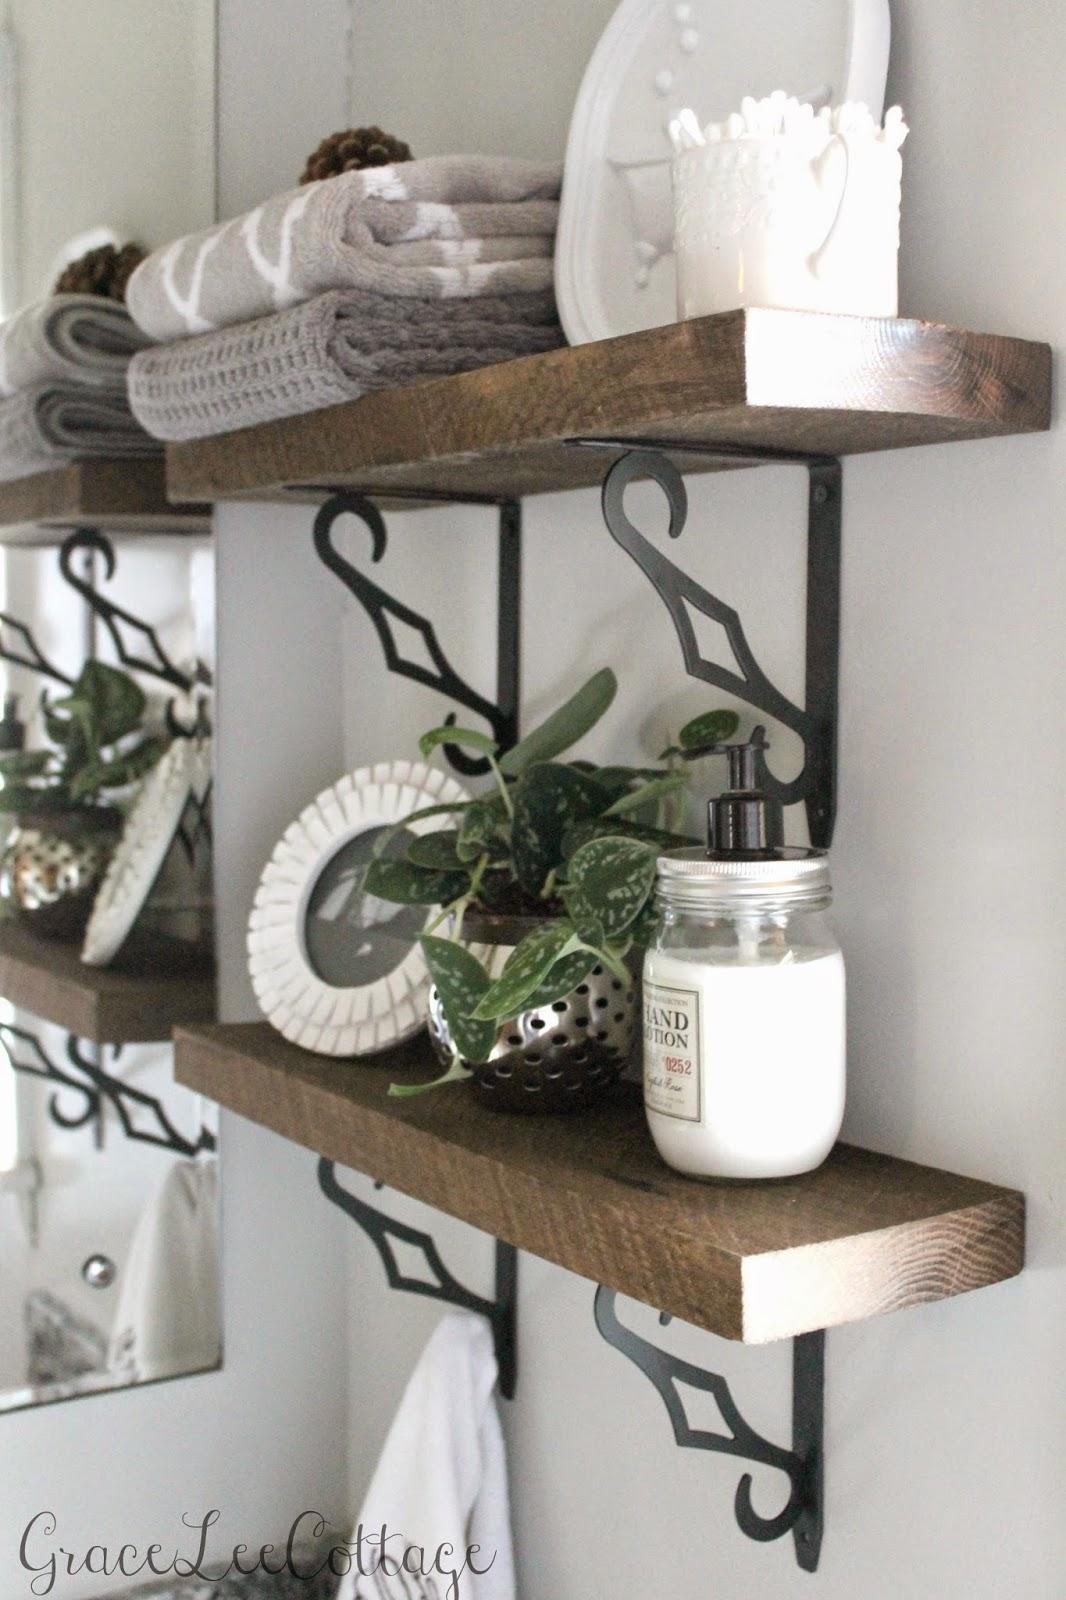 Lowes Bathroom Design Grace Lee Cottage Diy Rustic Bathroom Shelves